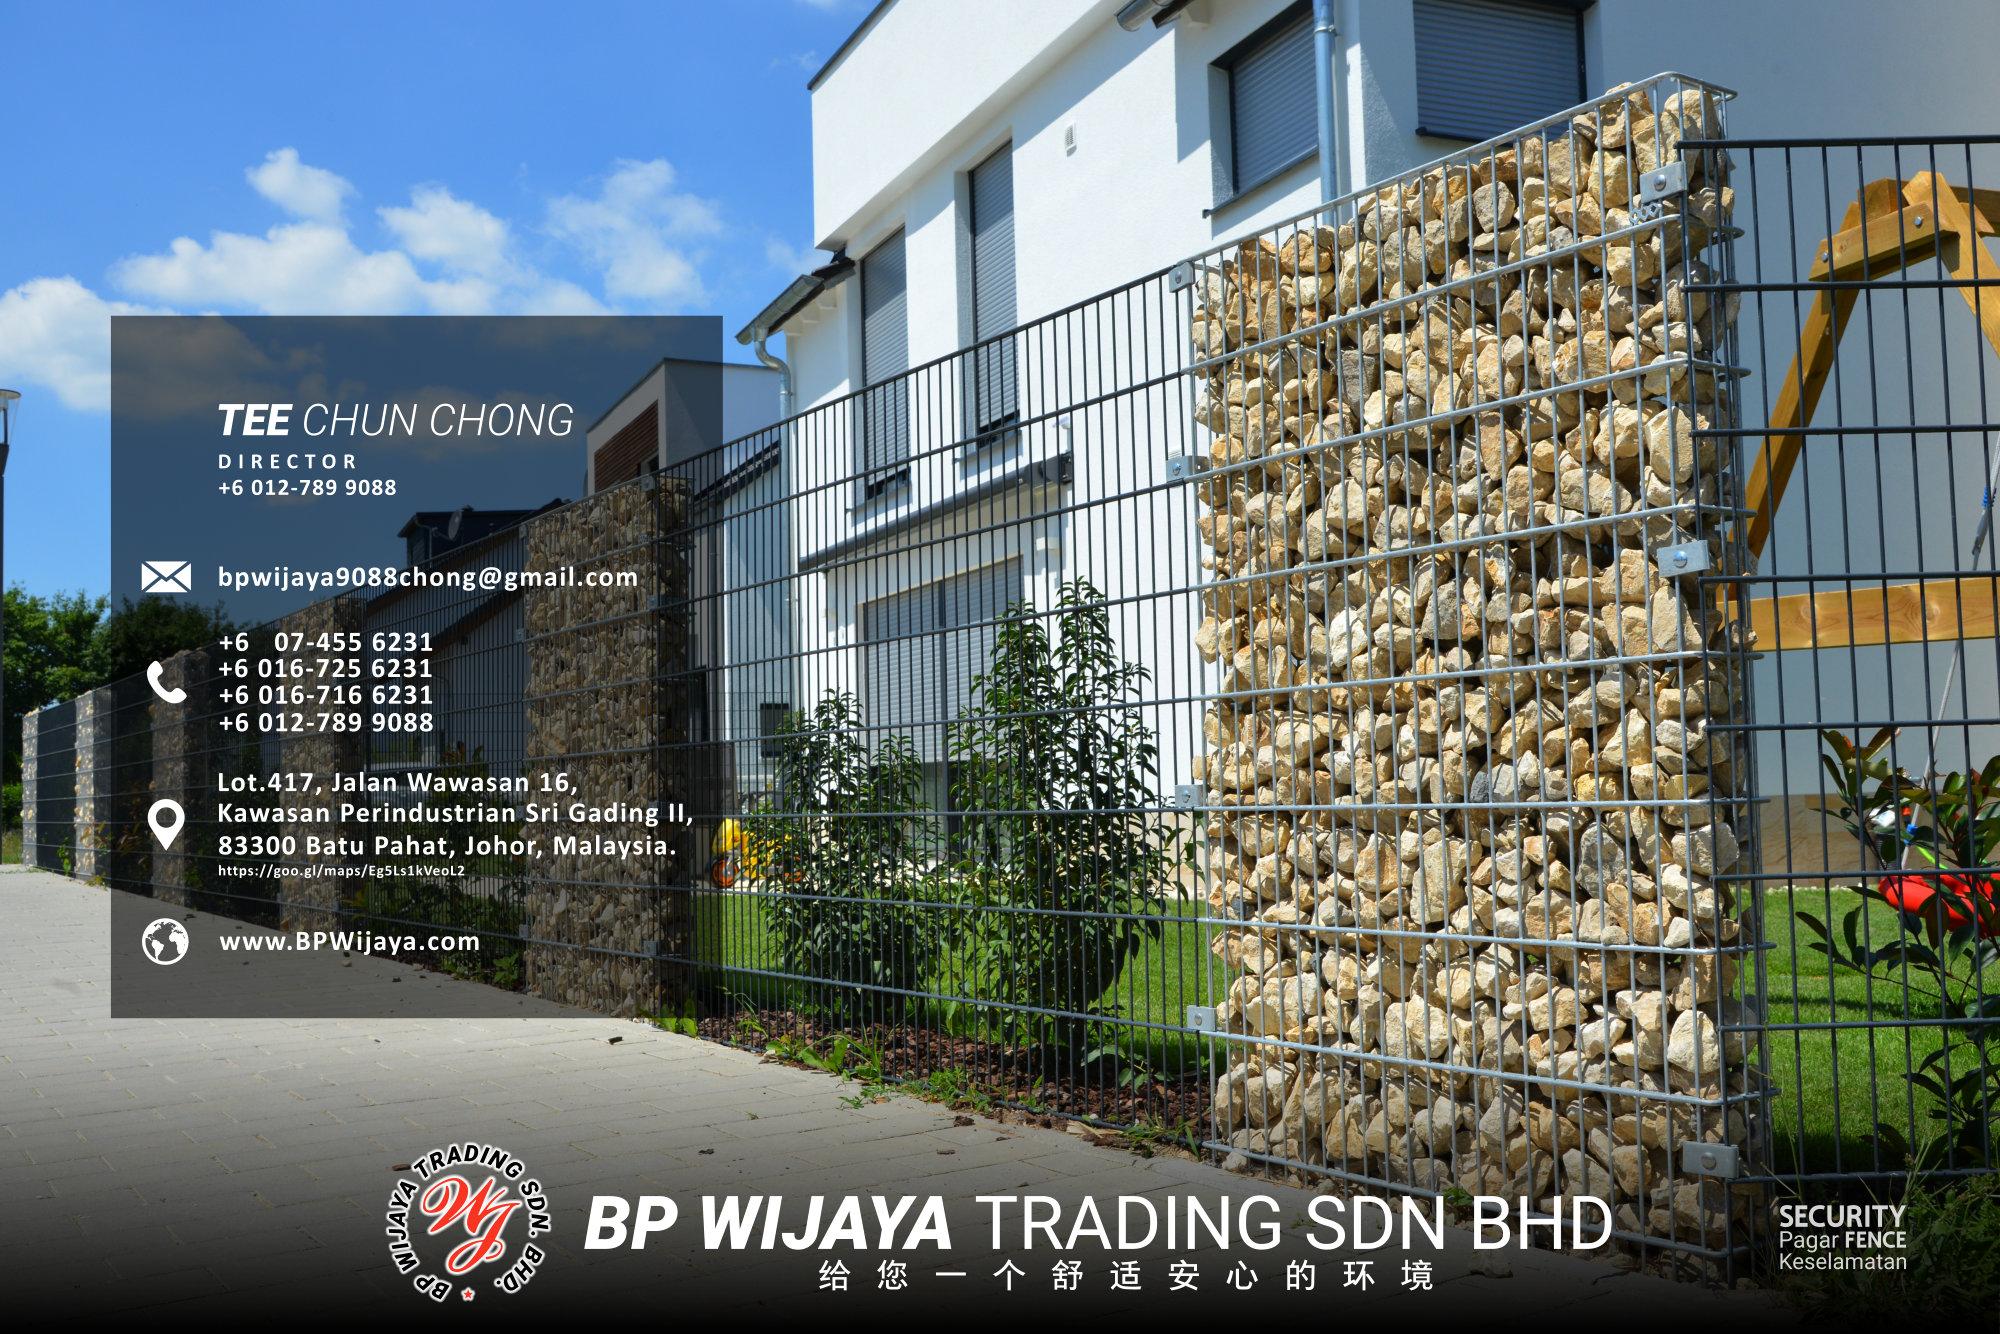 吉隆坡安全篱笆供应商 - 我们是安全篱笆制造商 BP Wijaya Trading Sdn Bhd 住家围栏篱笆 提供 吉隆坡篱笆 建筑材料 给 发展商 花园 公寓 住家 工厂 农场 果园 安全藩篱 建设 A03-011